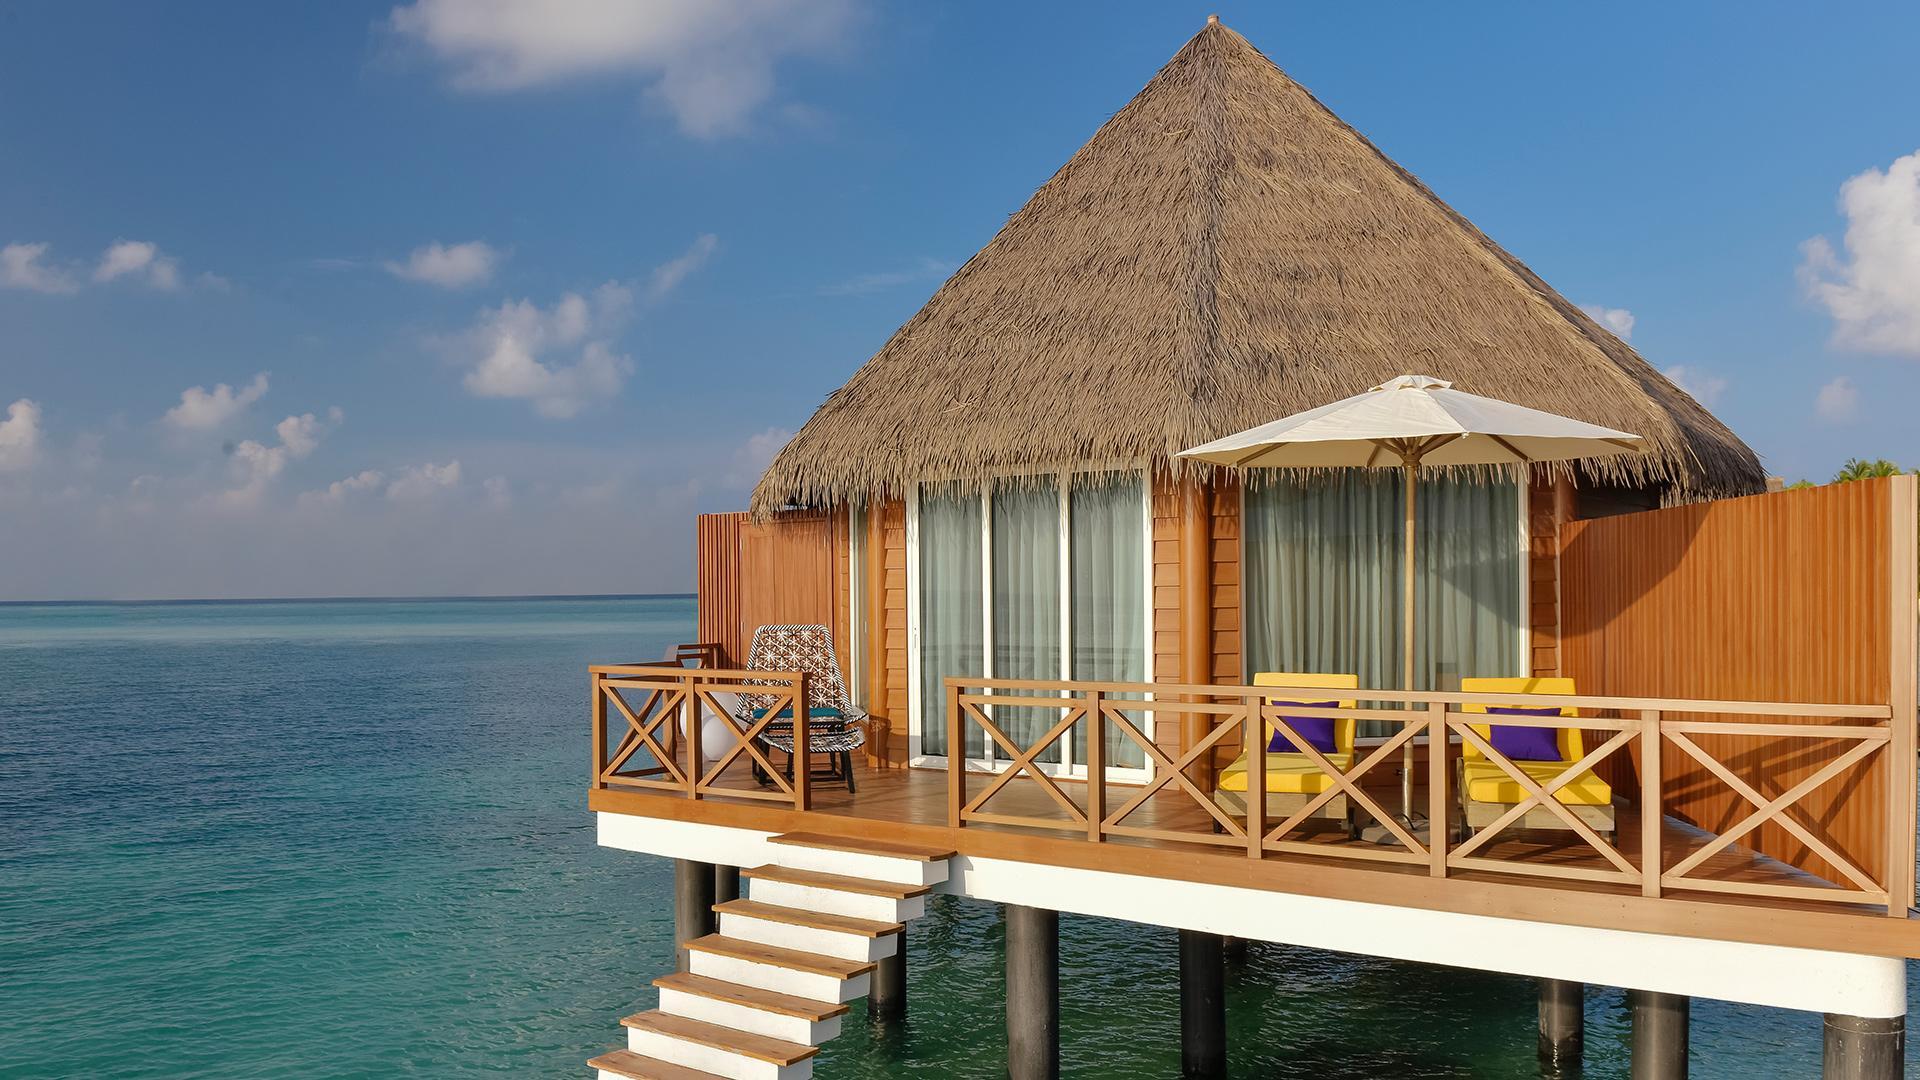 Overwater Villa image 1 at Kooddoo Maldives Resort by Mercure July 2020 by Gaafu Alifu Atoll, Upper South Province, Maldives